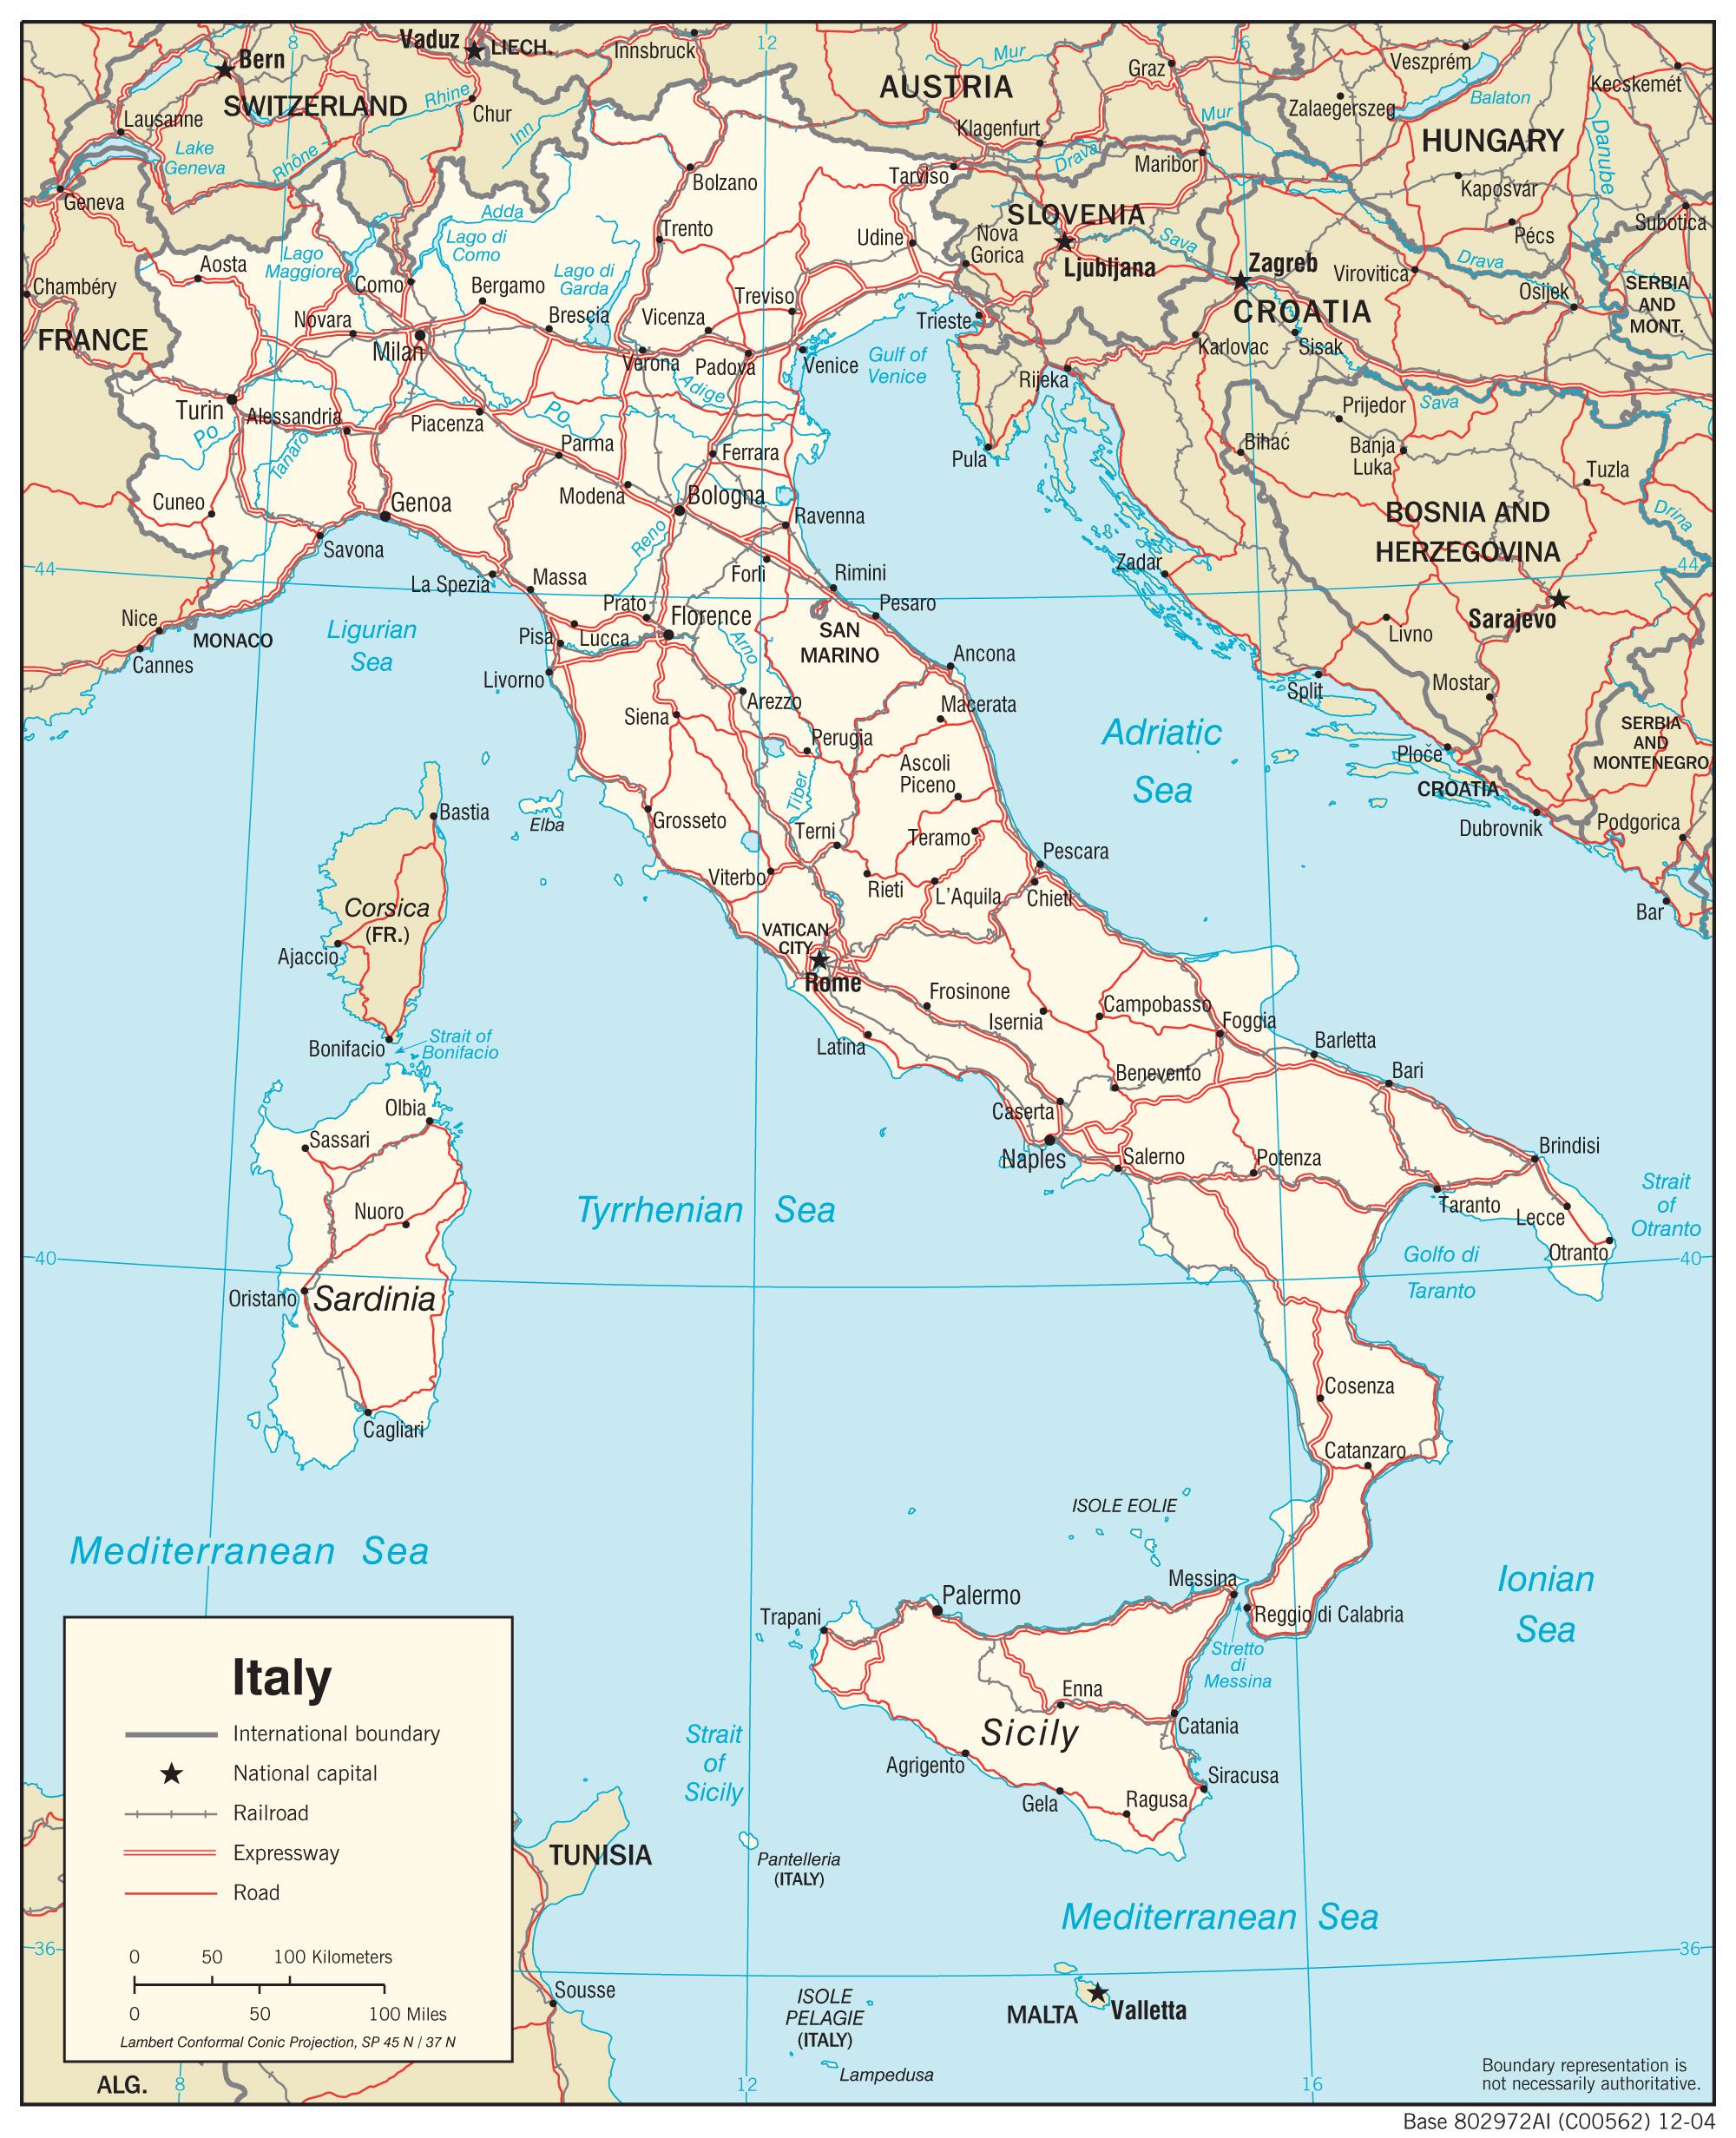 Milan Subway Map.Types Of Transportation In Italy Milan Subway Map Mapsof Net